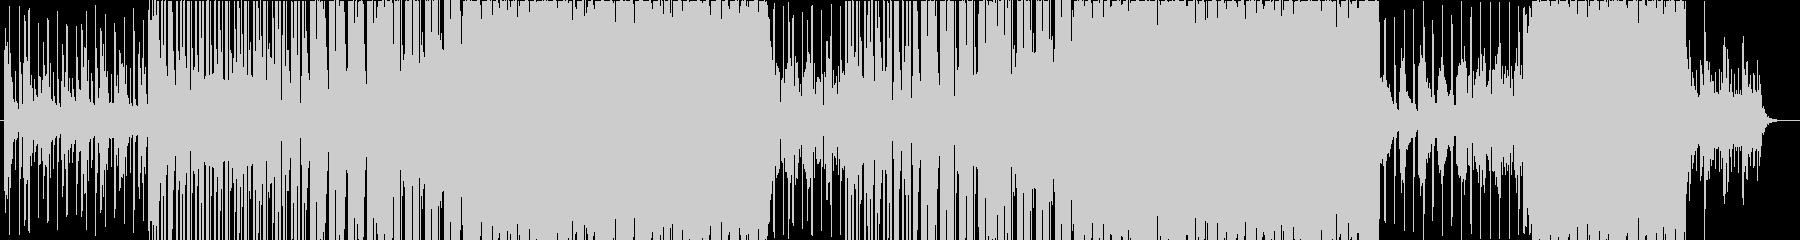 洋楽、おしゃれ最新ヒップホップトラック♪の未再生の波形